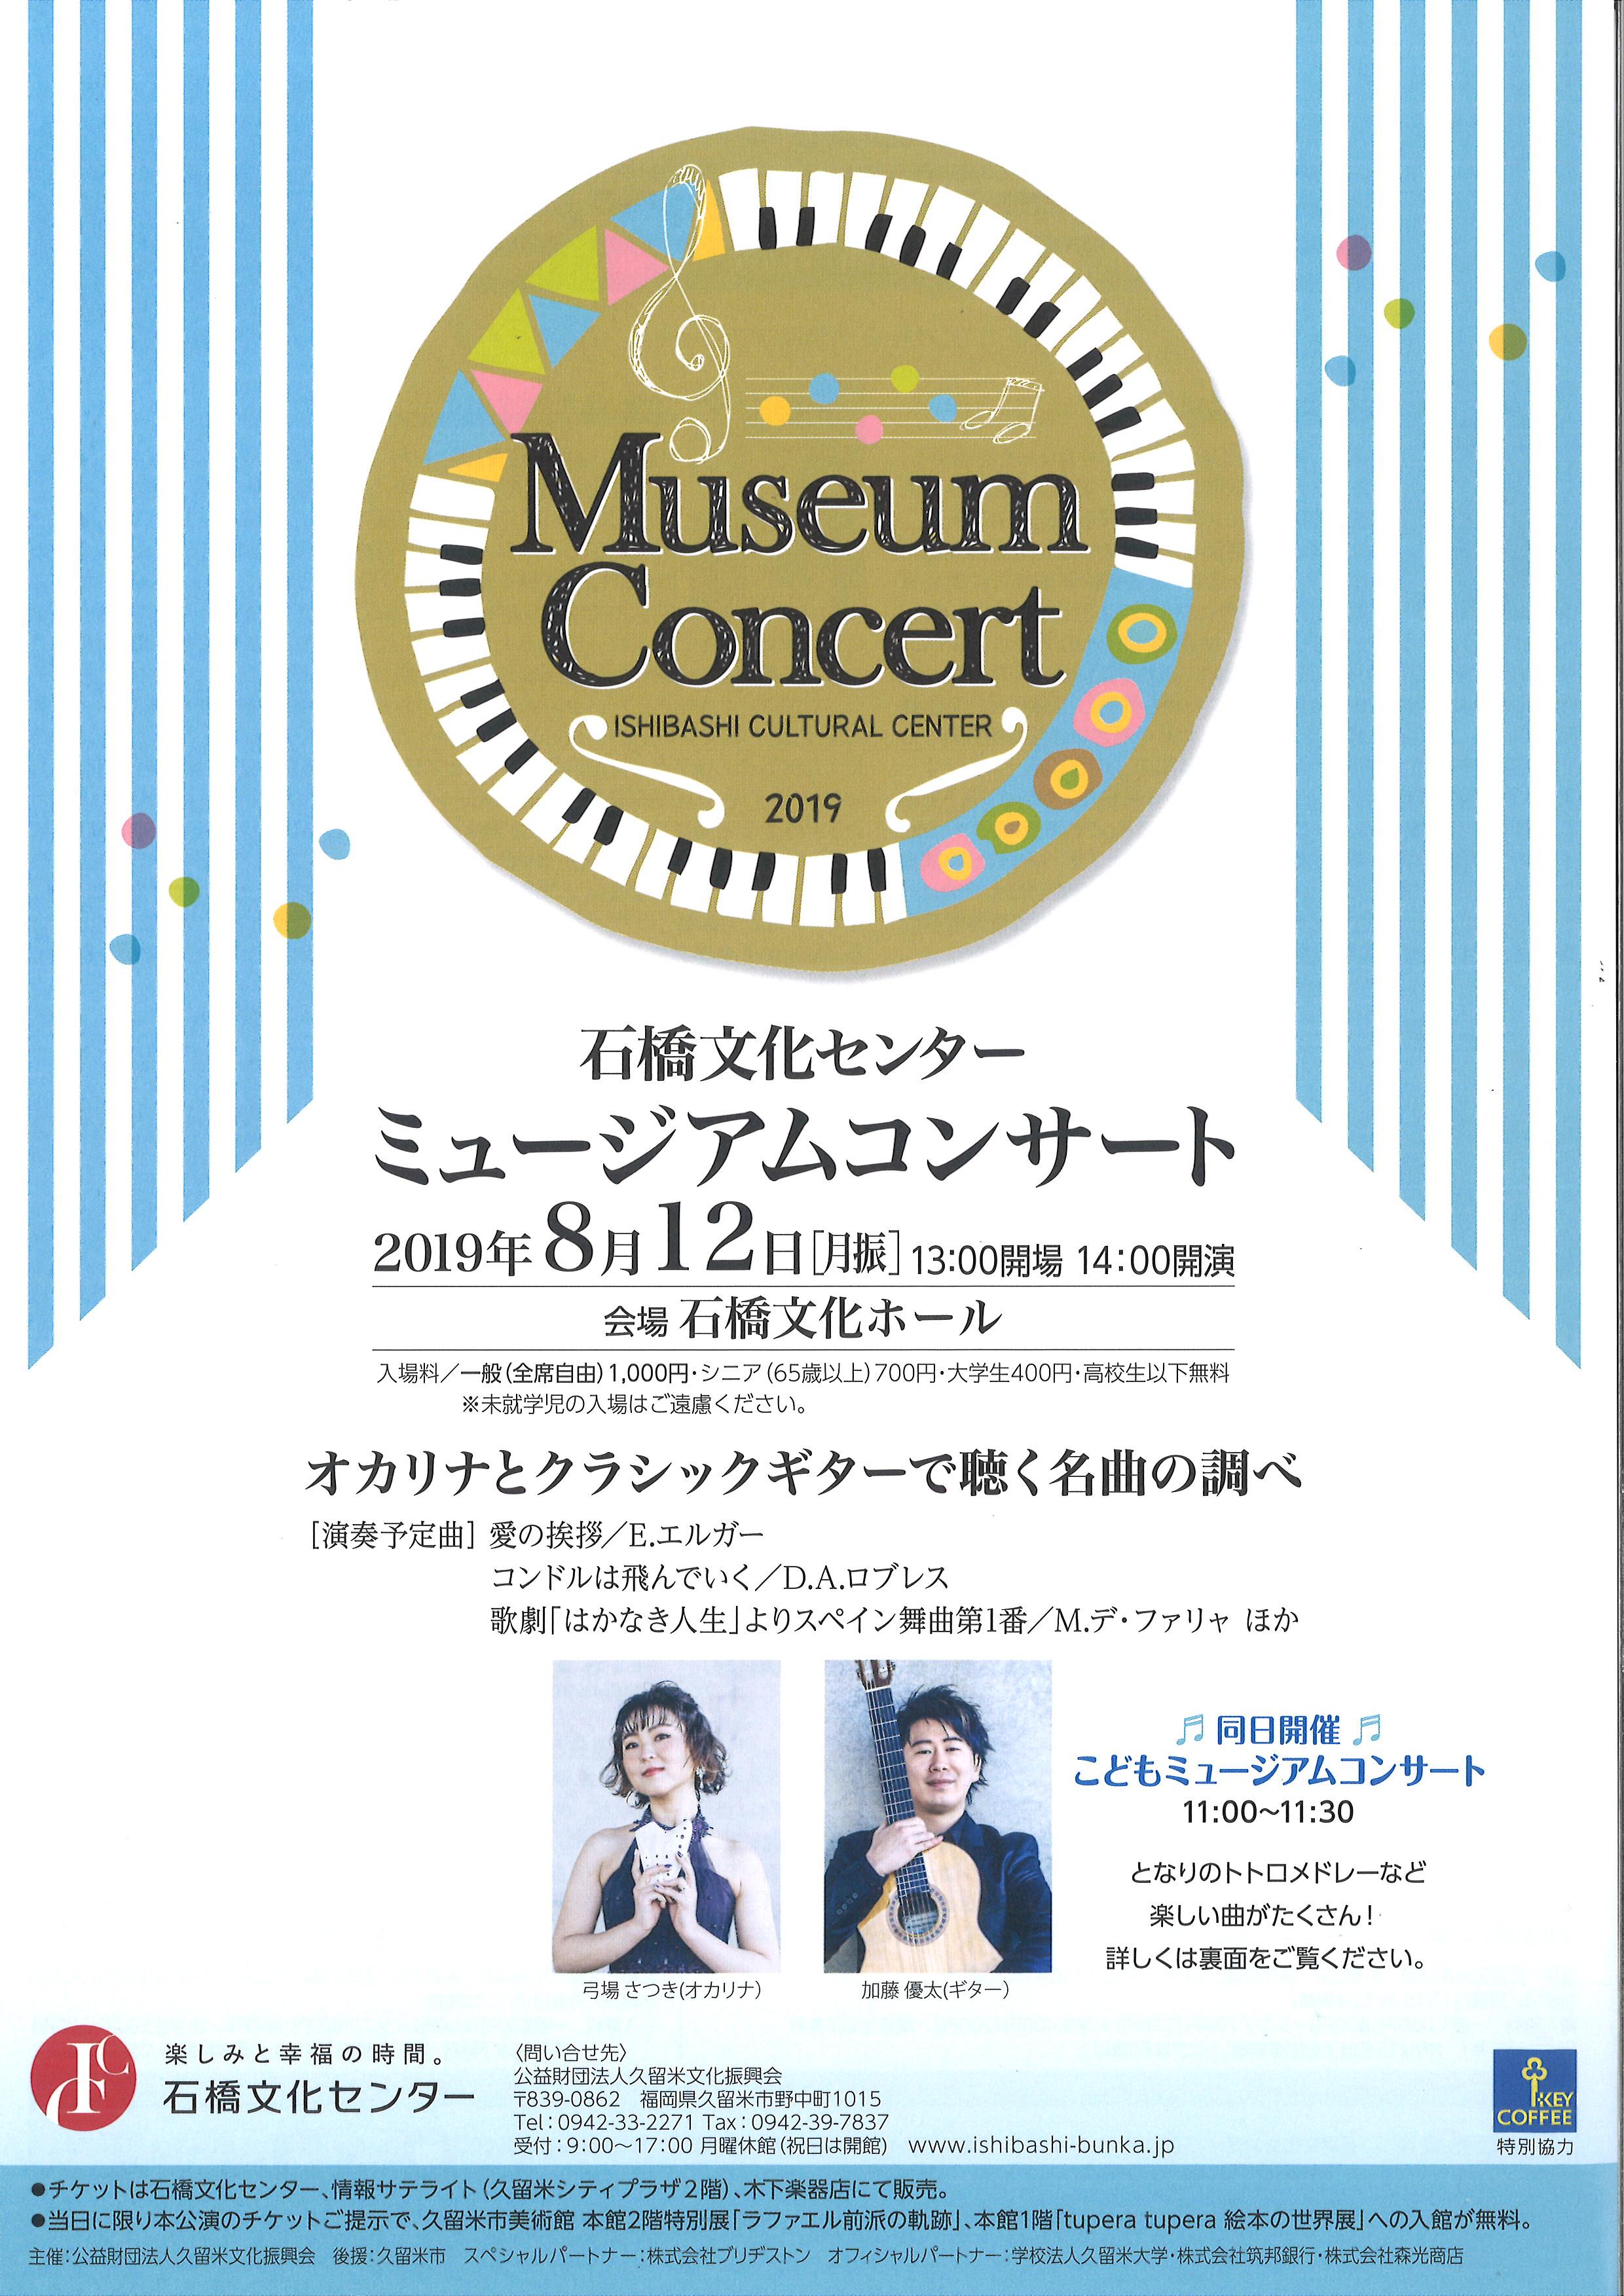 石橋文化センター ミュージアムコンサート